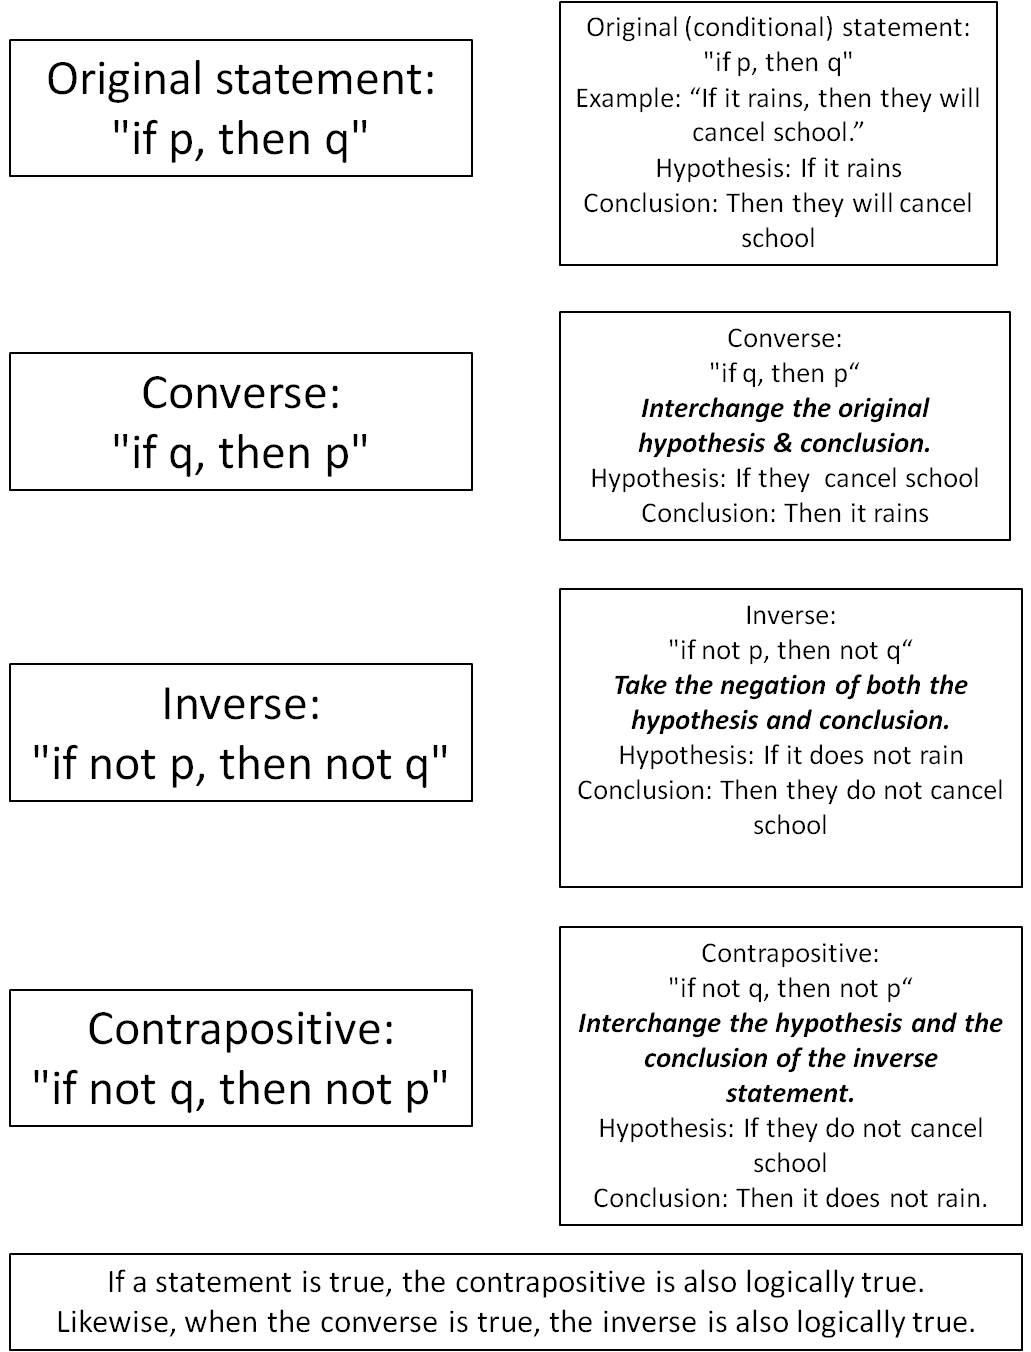 Strong Armor: Logic - Converse, Inverse, Contrapositive